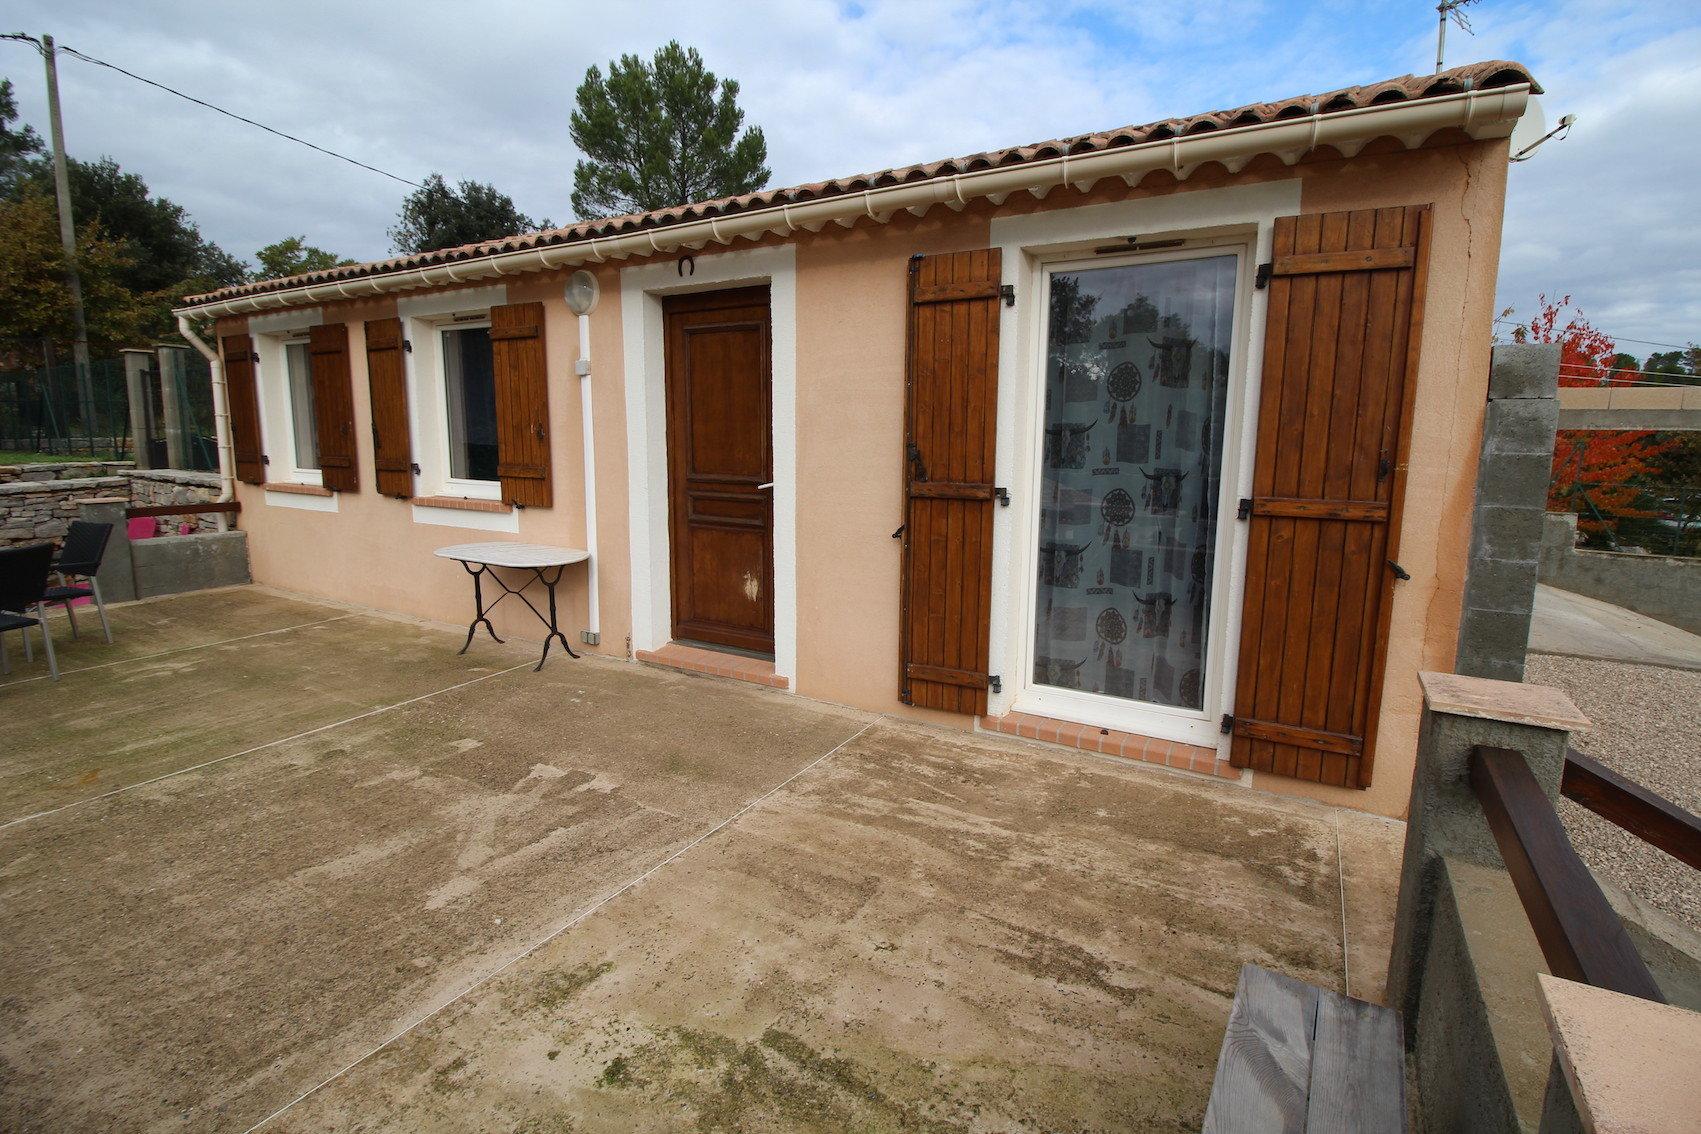 Flassans sur Issole, close to the village